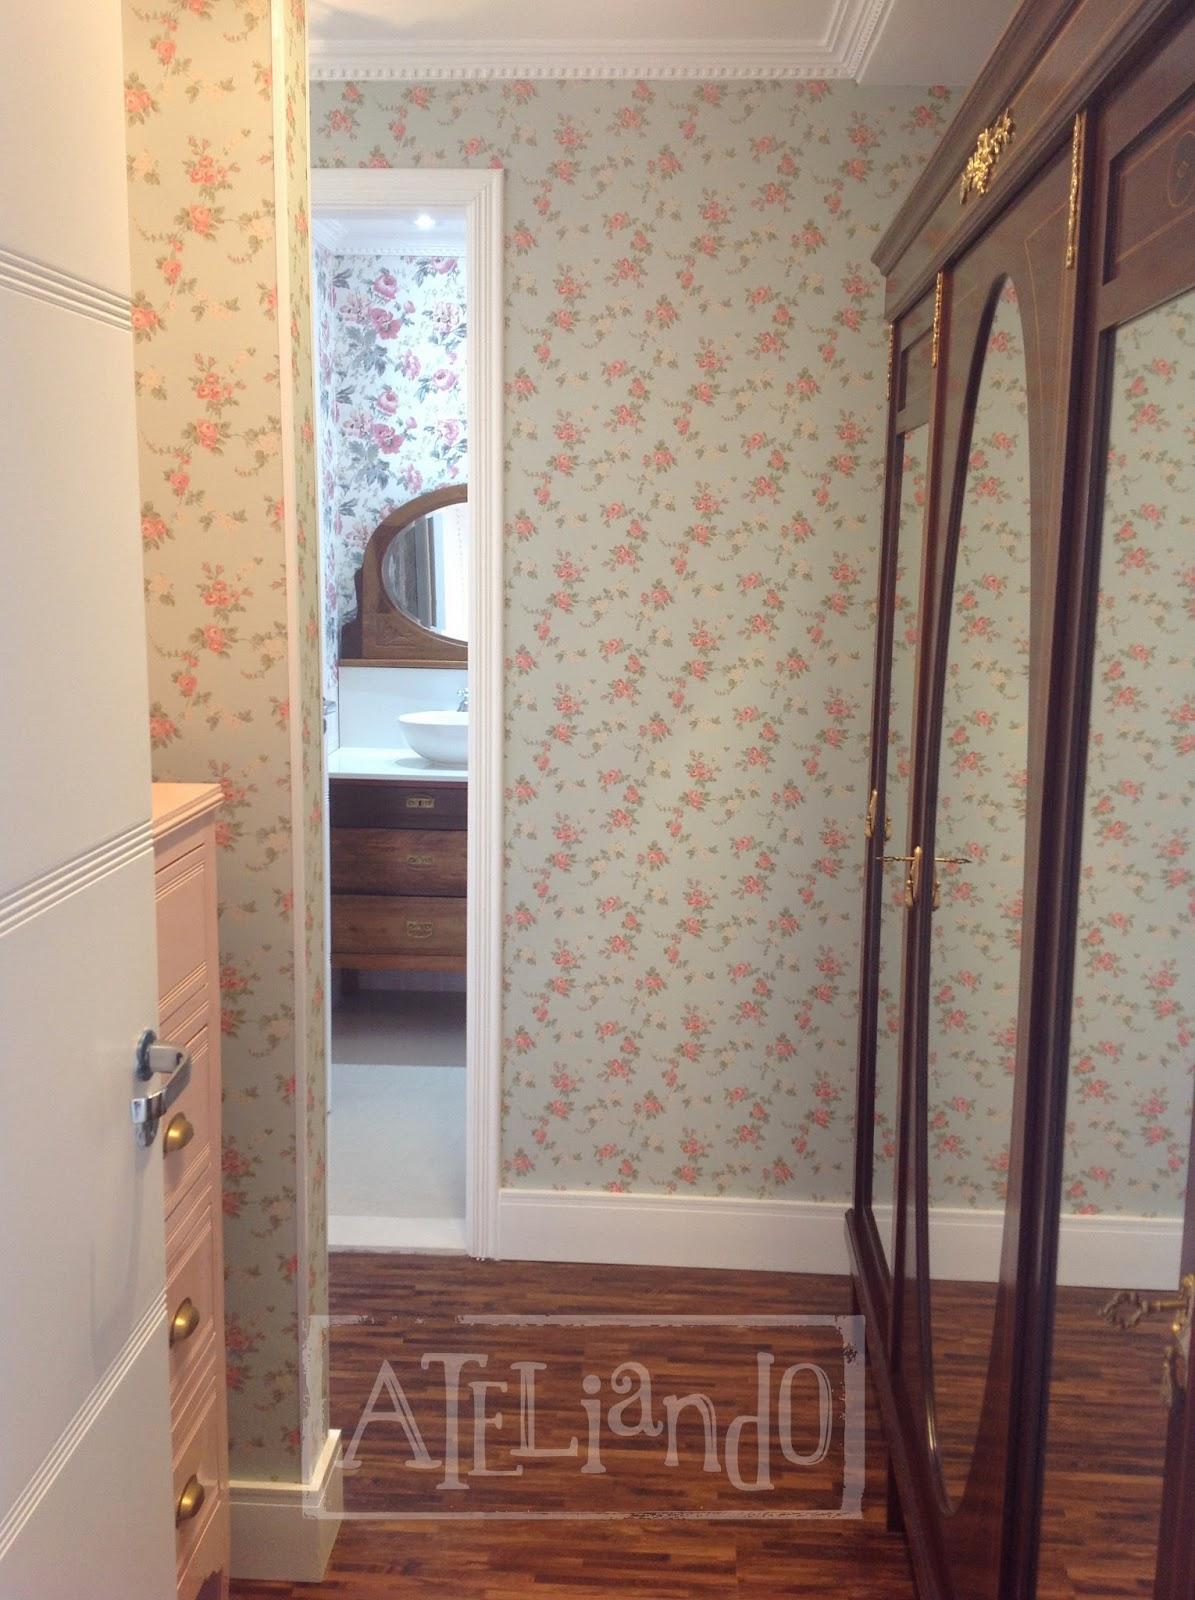 Customização de móveis antigos: Closet e banheiro customizados #866945 1195x1600 Banheiro Closet